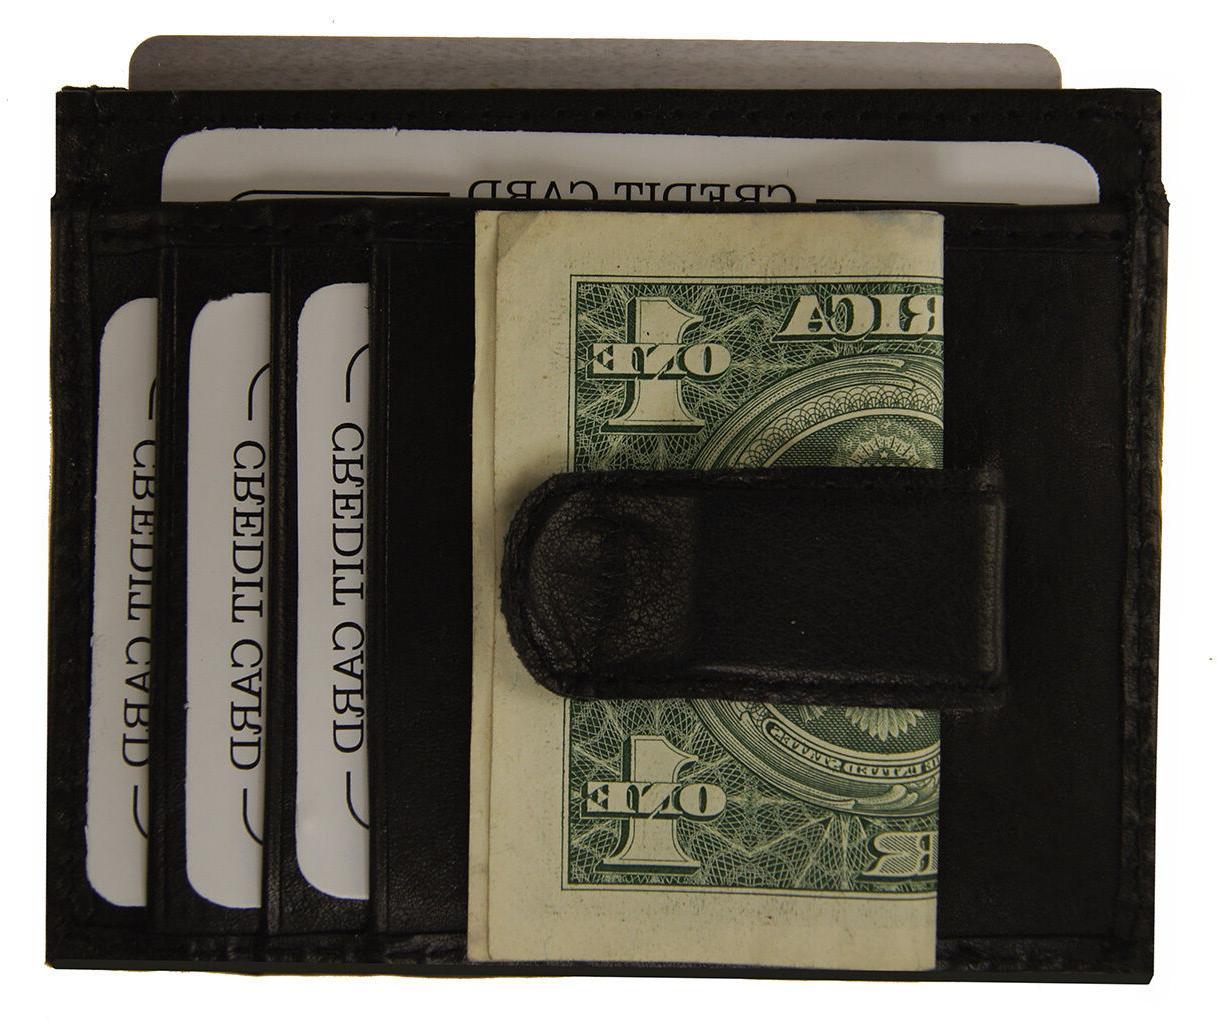 AG Slim Clip Pocket Credit Card Holder